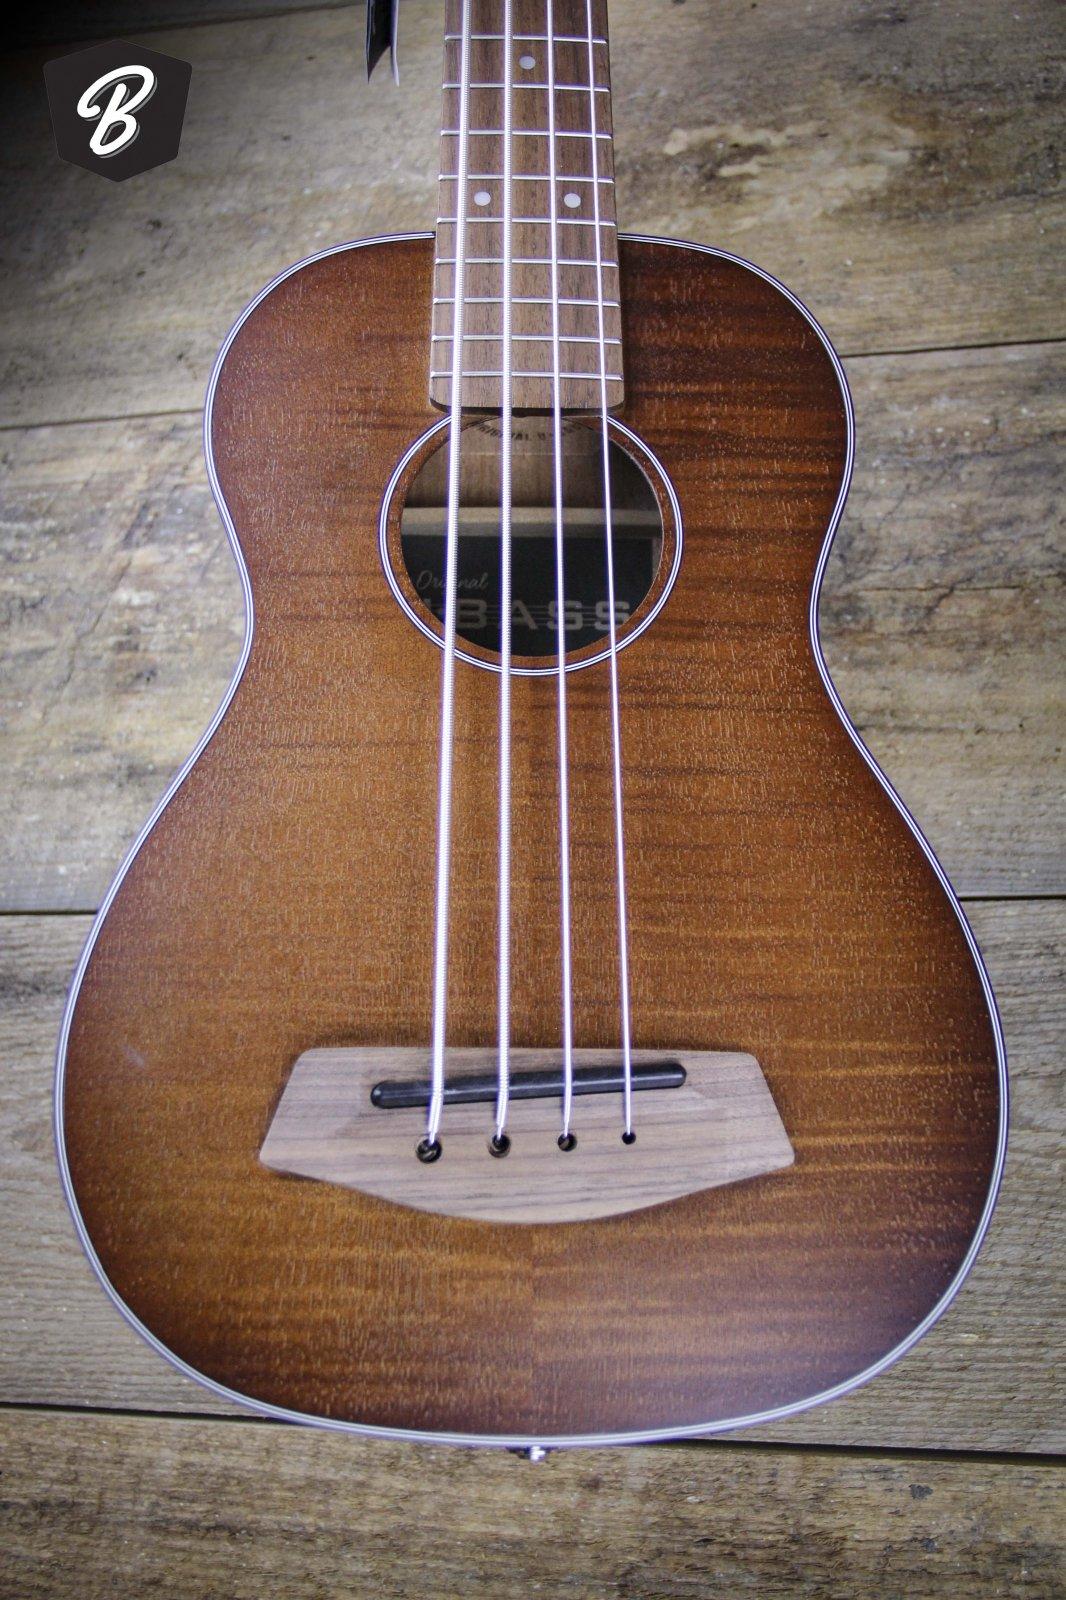 Kala Exotic Mahogany U-Bass Ukulele Bass Fretted Natural